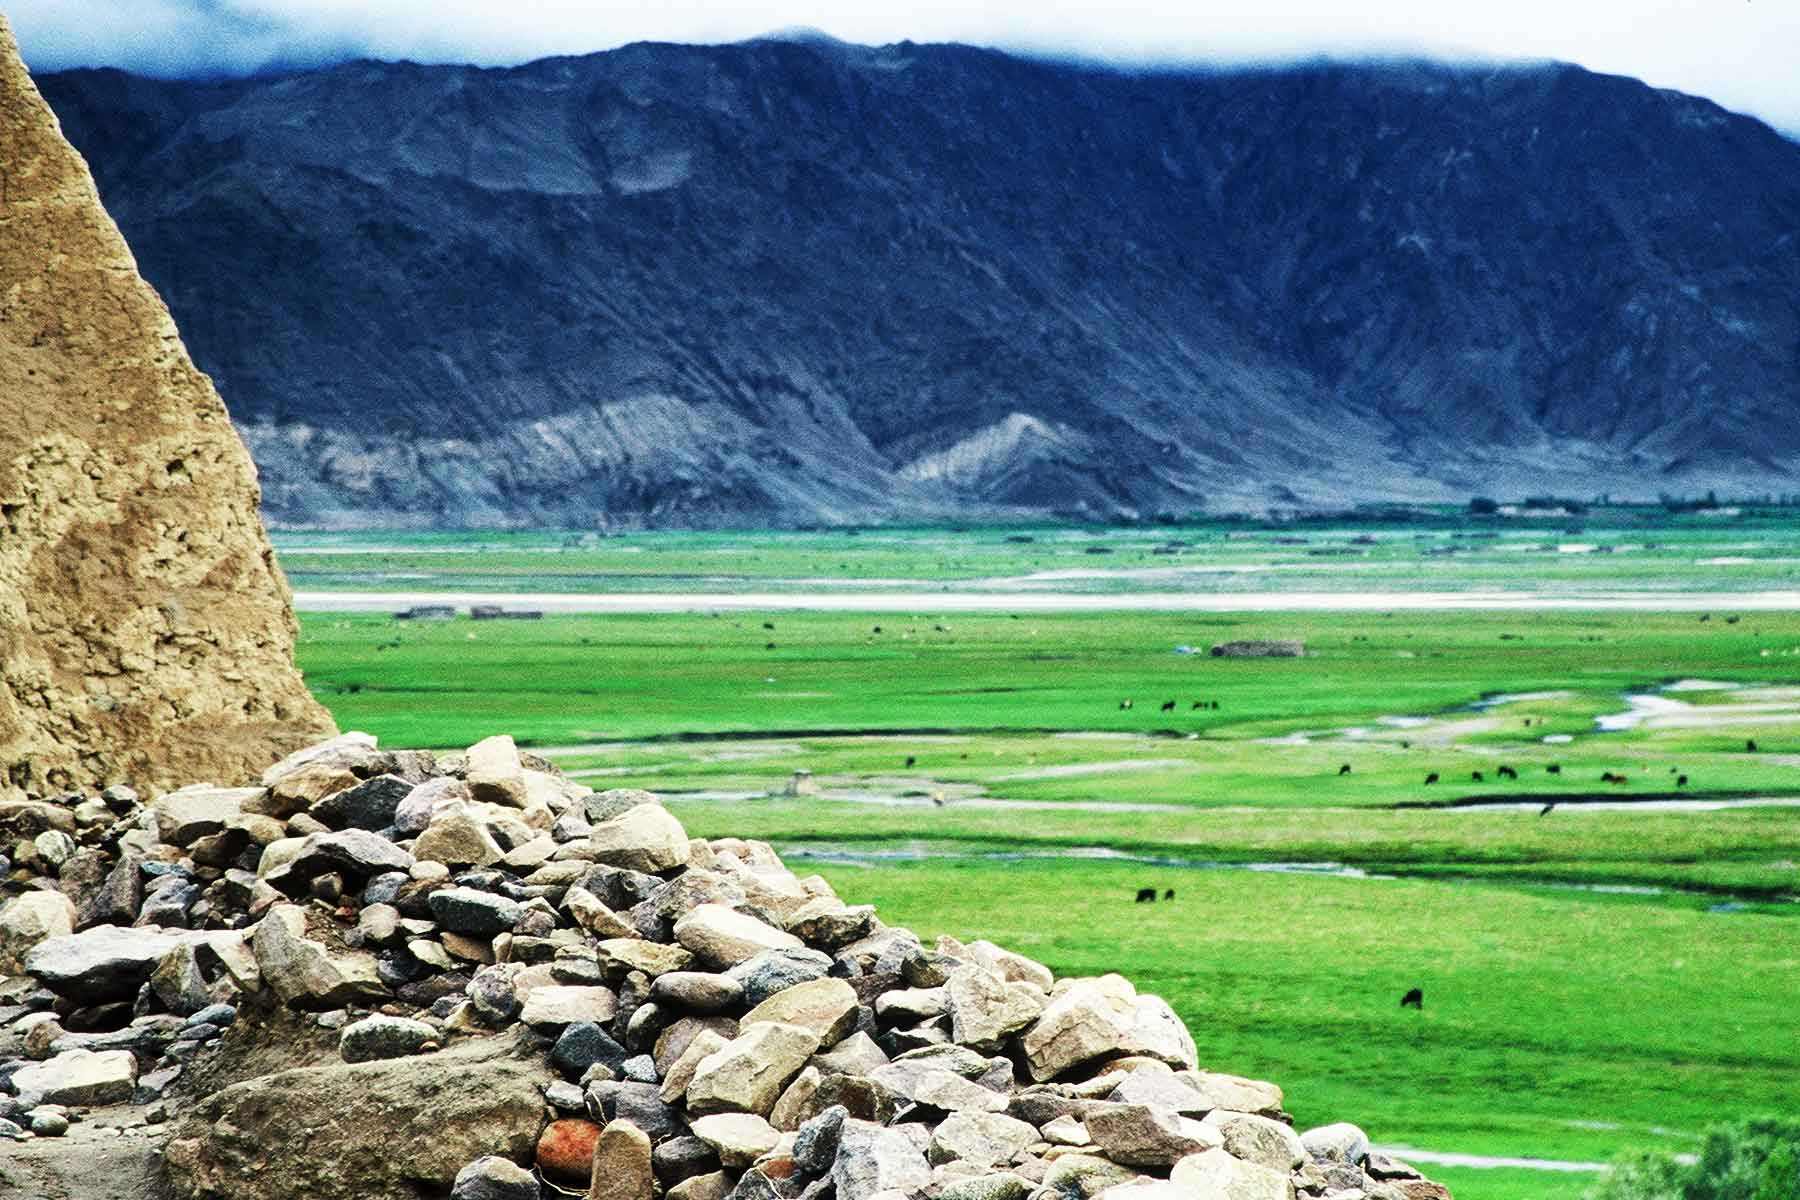 Tashkurgan Tajik Autonomous County, Xinjiang, China - Dr Steven Martin - Silk Road Research 2001